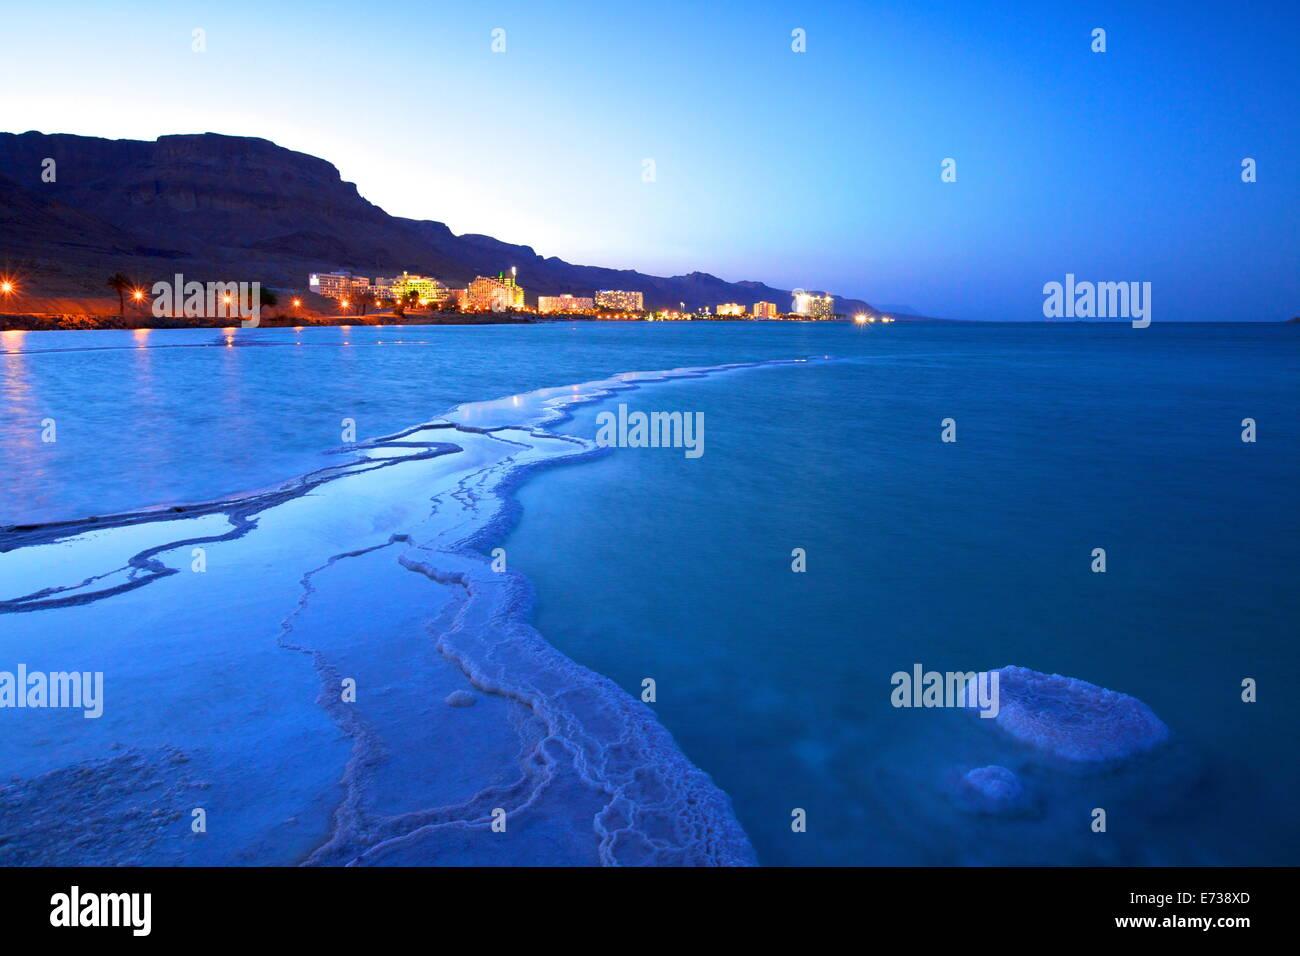 Depósito de sal en primer plano mirando hacia Ein Bokek, Ein Bokek, Dead Sea, Israel, Oriente Medio Foto de stock